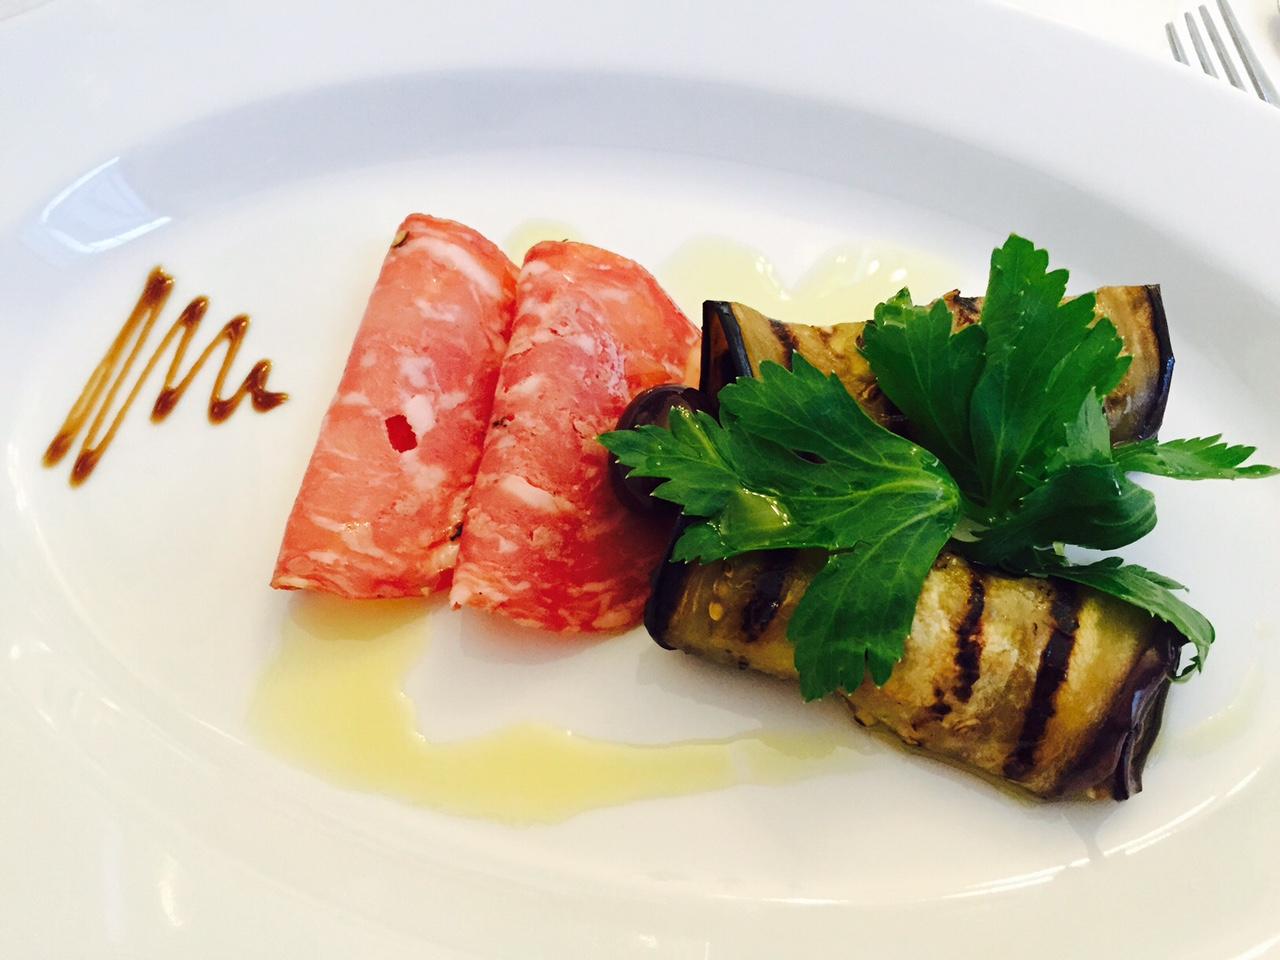 Anbefaling og anmeldelse af Restaurant Pane & Vino i Hjørring